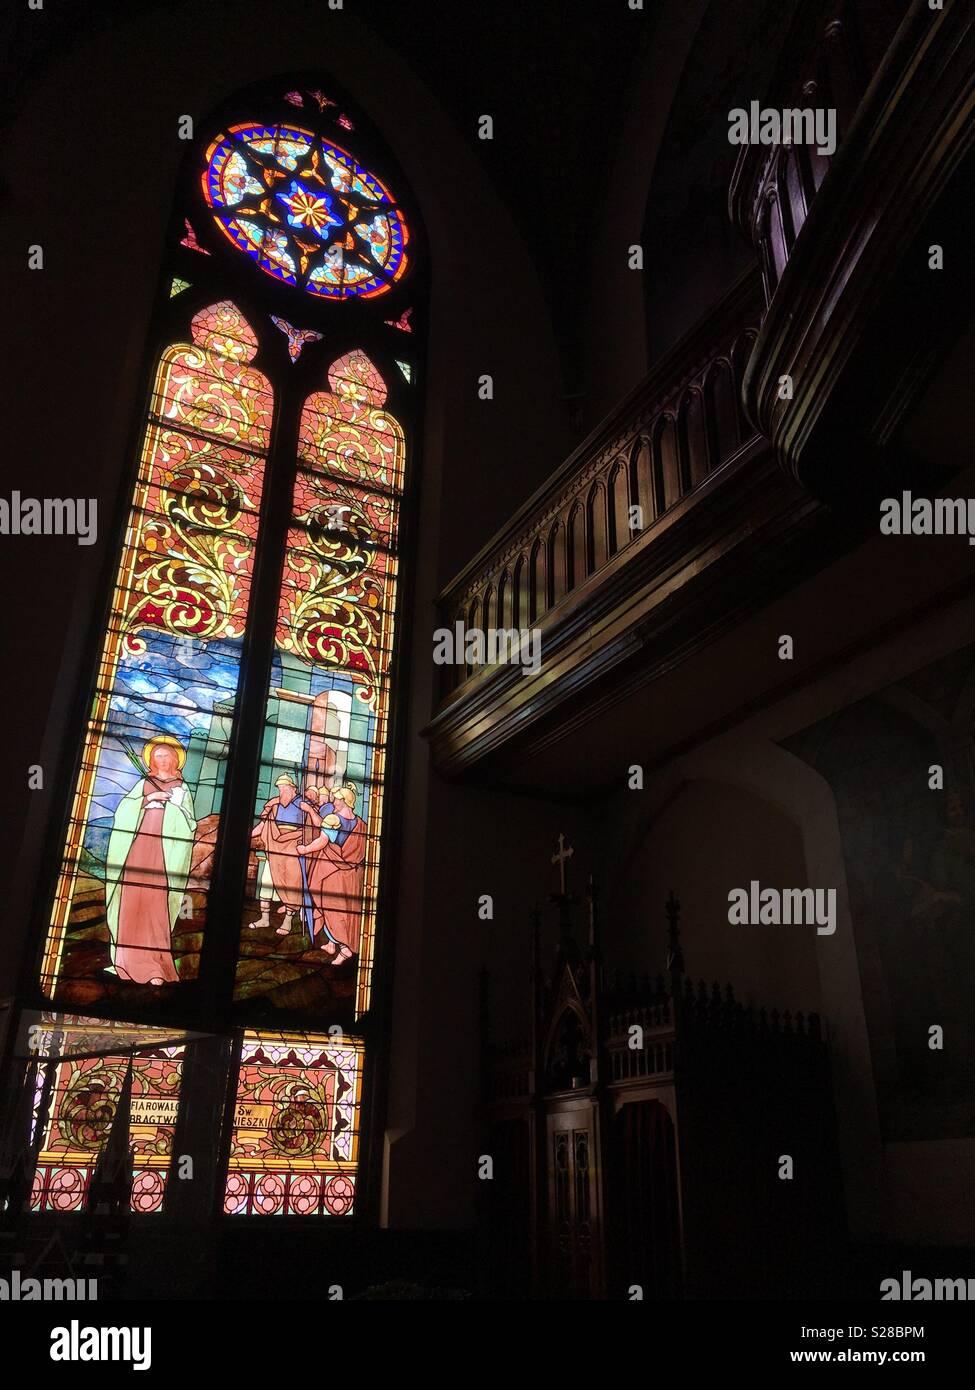 Licht scheint durch die Fenster aus buntem Glas. Stockbild